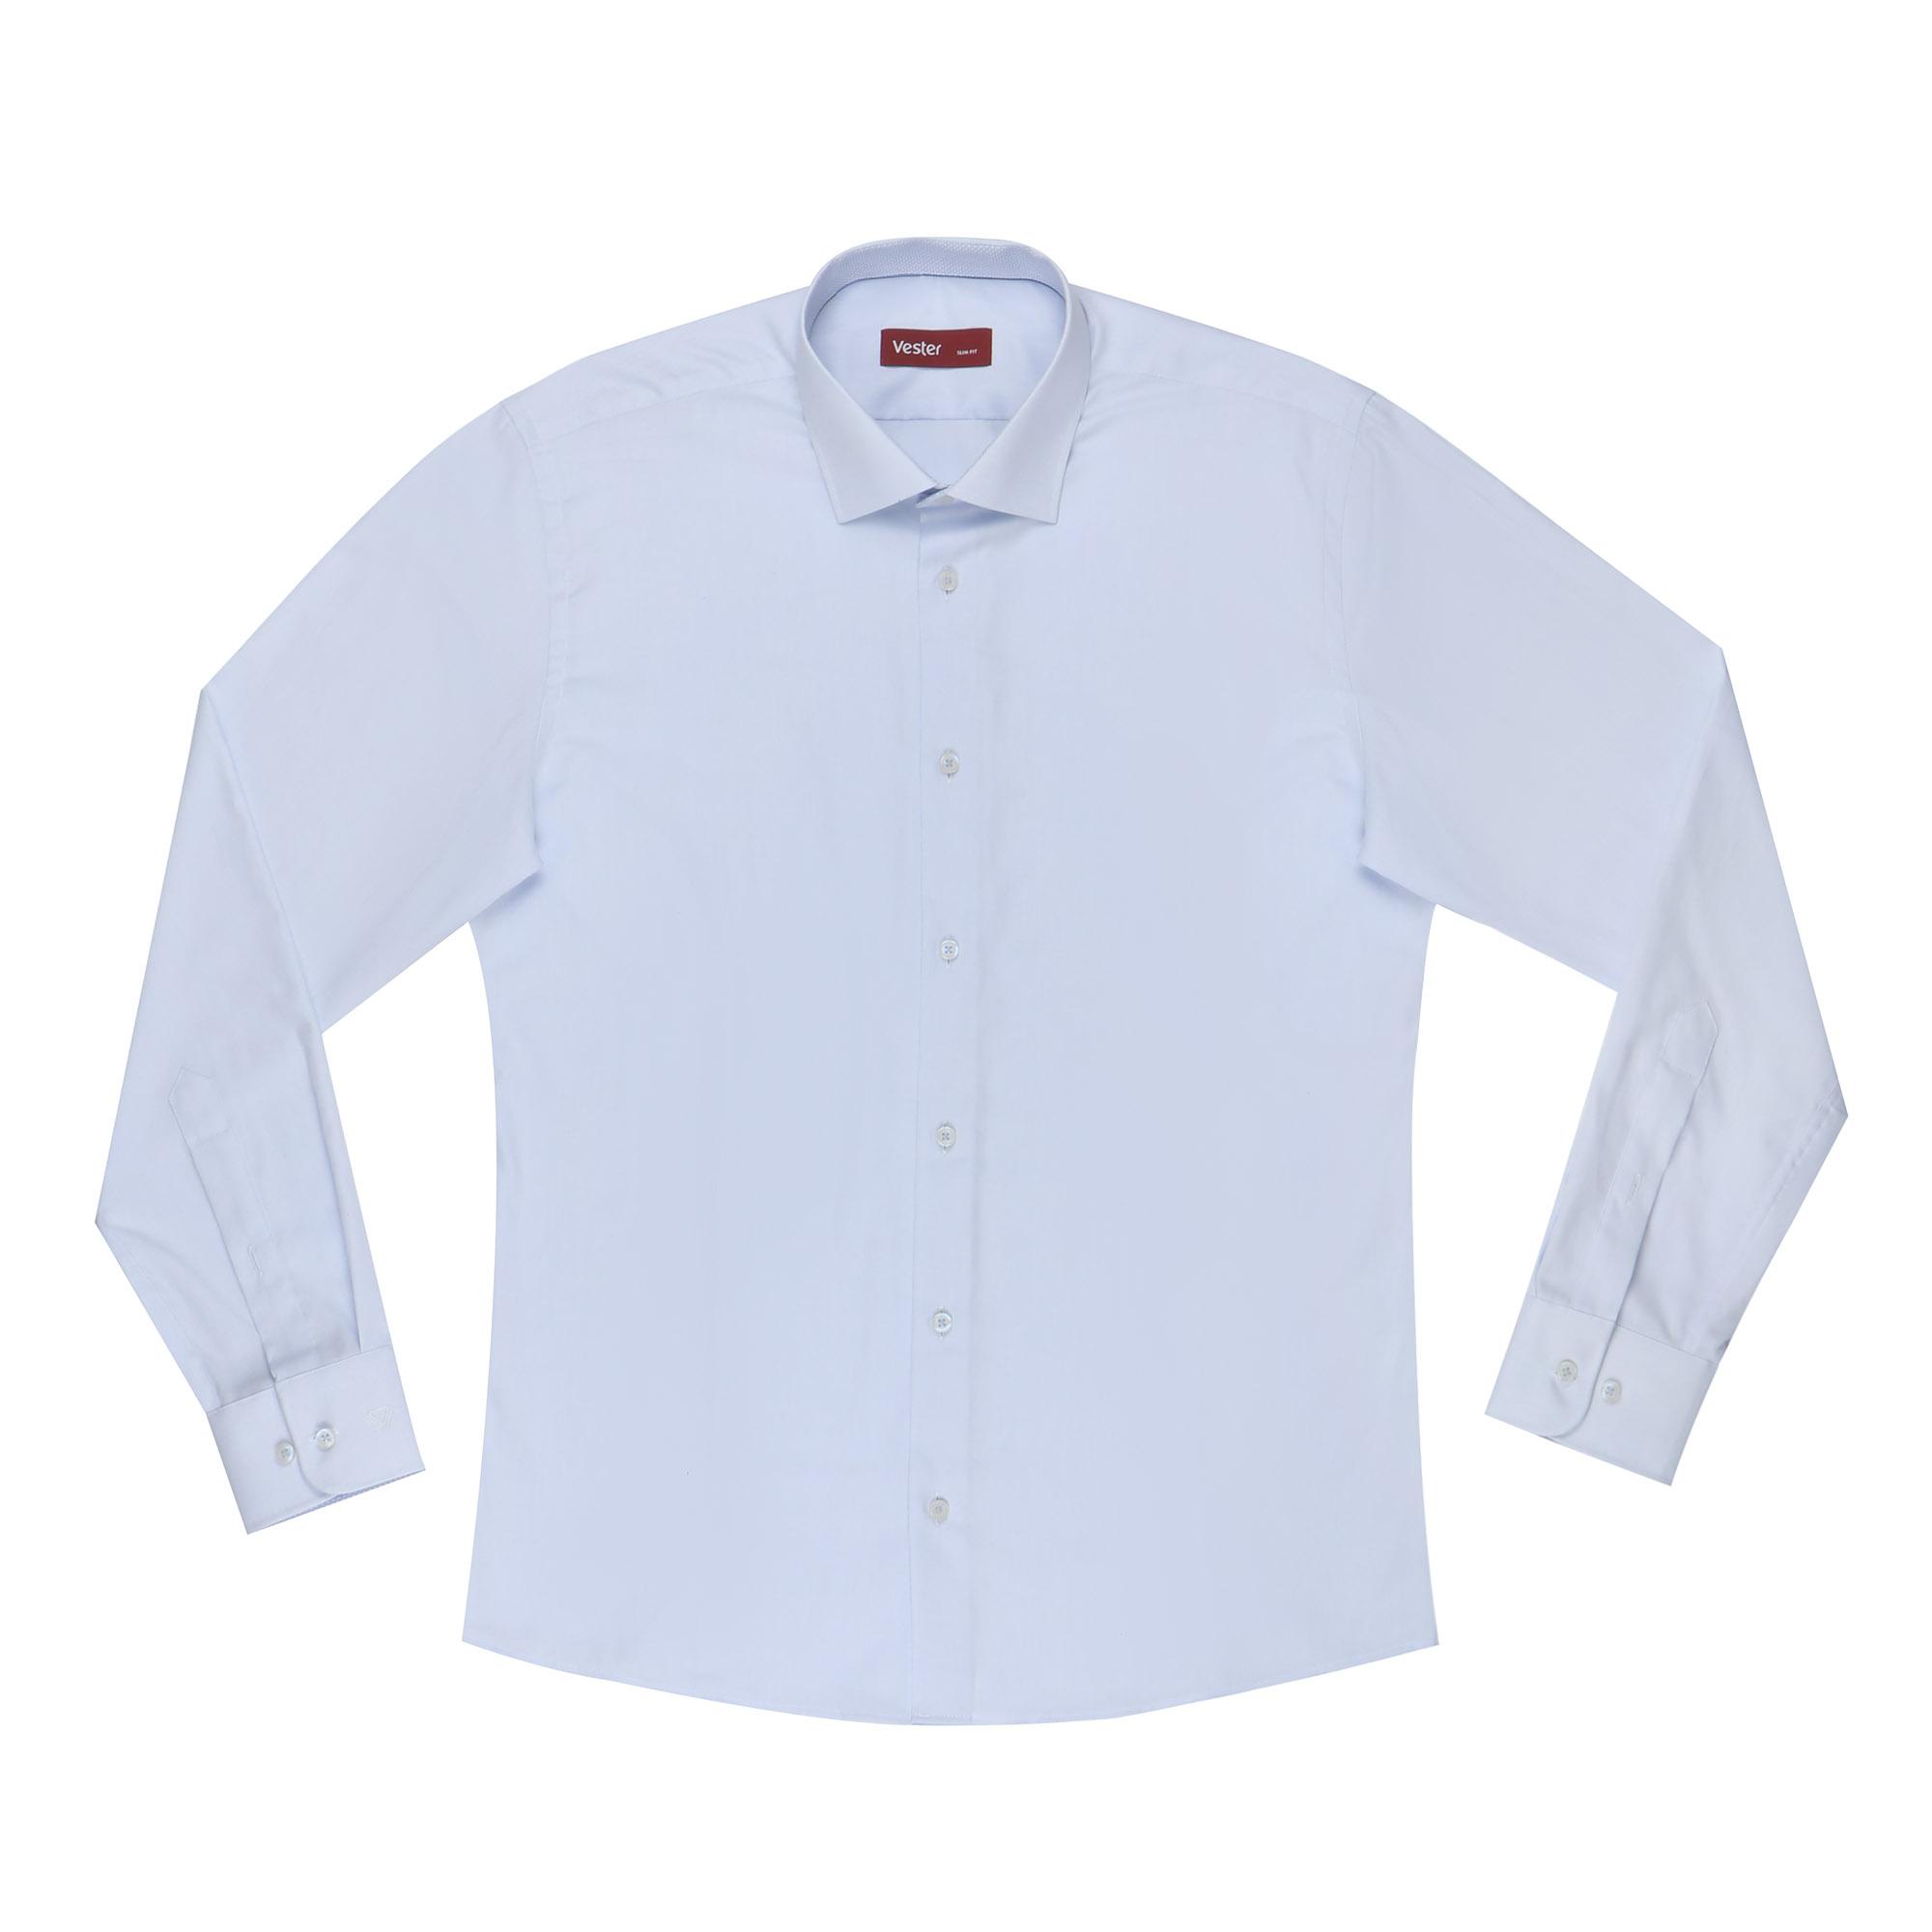 Сорочка мужская Vester 44С 182-188 небесно-голубая сорочка мужская vester 43с 182 188 небесно голубая